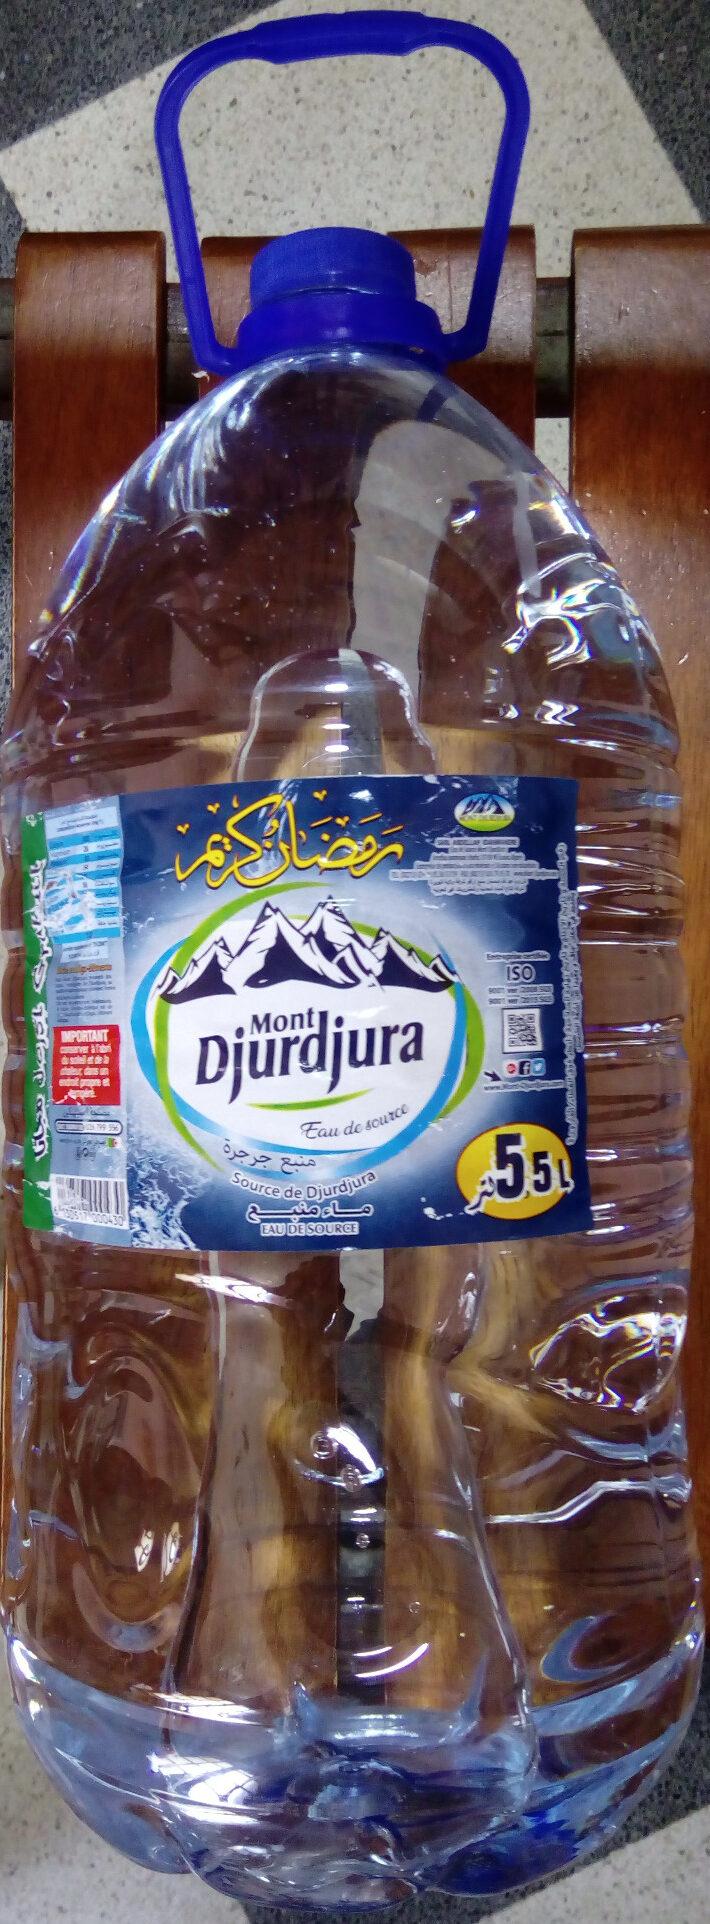 Mont Djurdjura, Bon Ramadan - Produit - fr